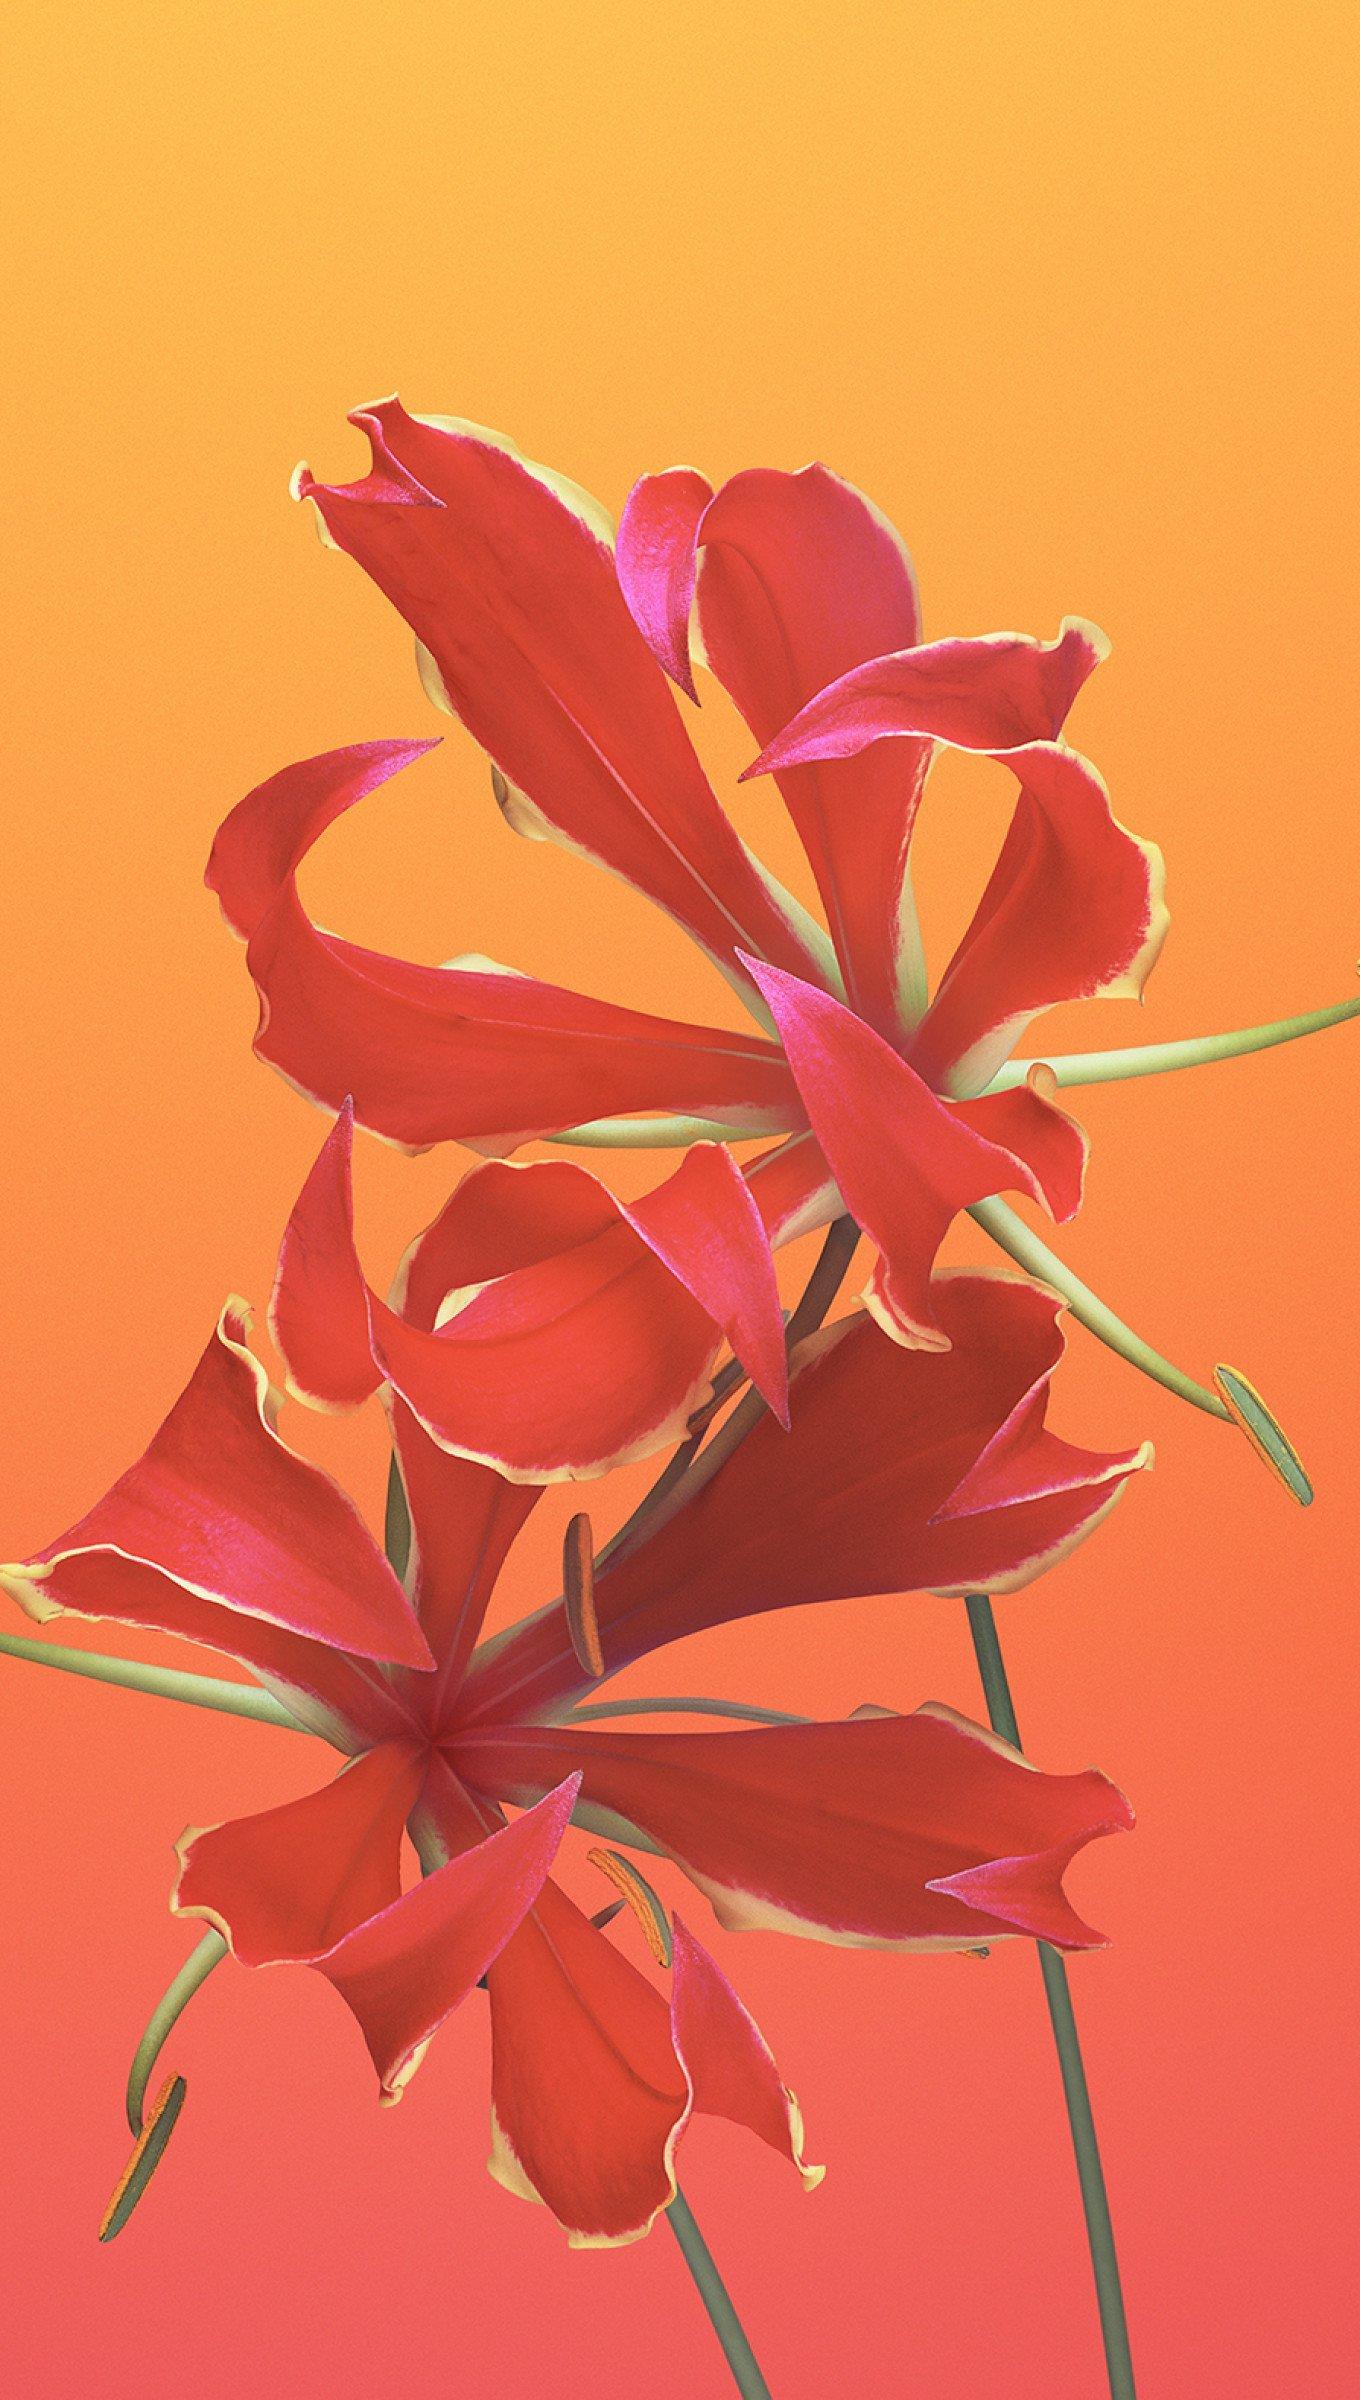 Fondos de pantalla IOS 11 Flor Gloriosa Vertical